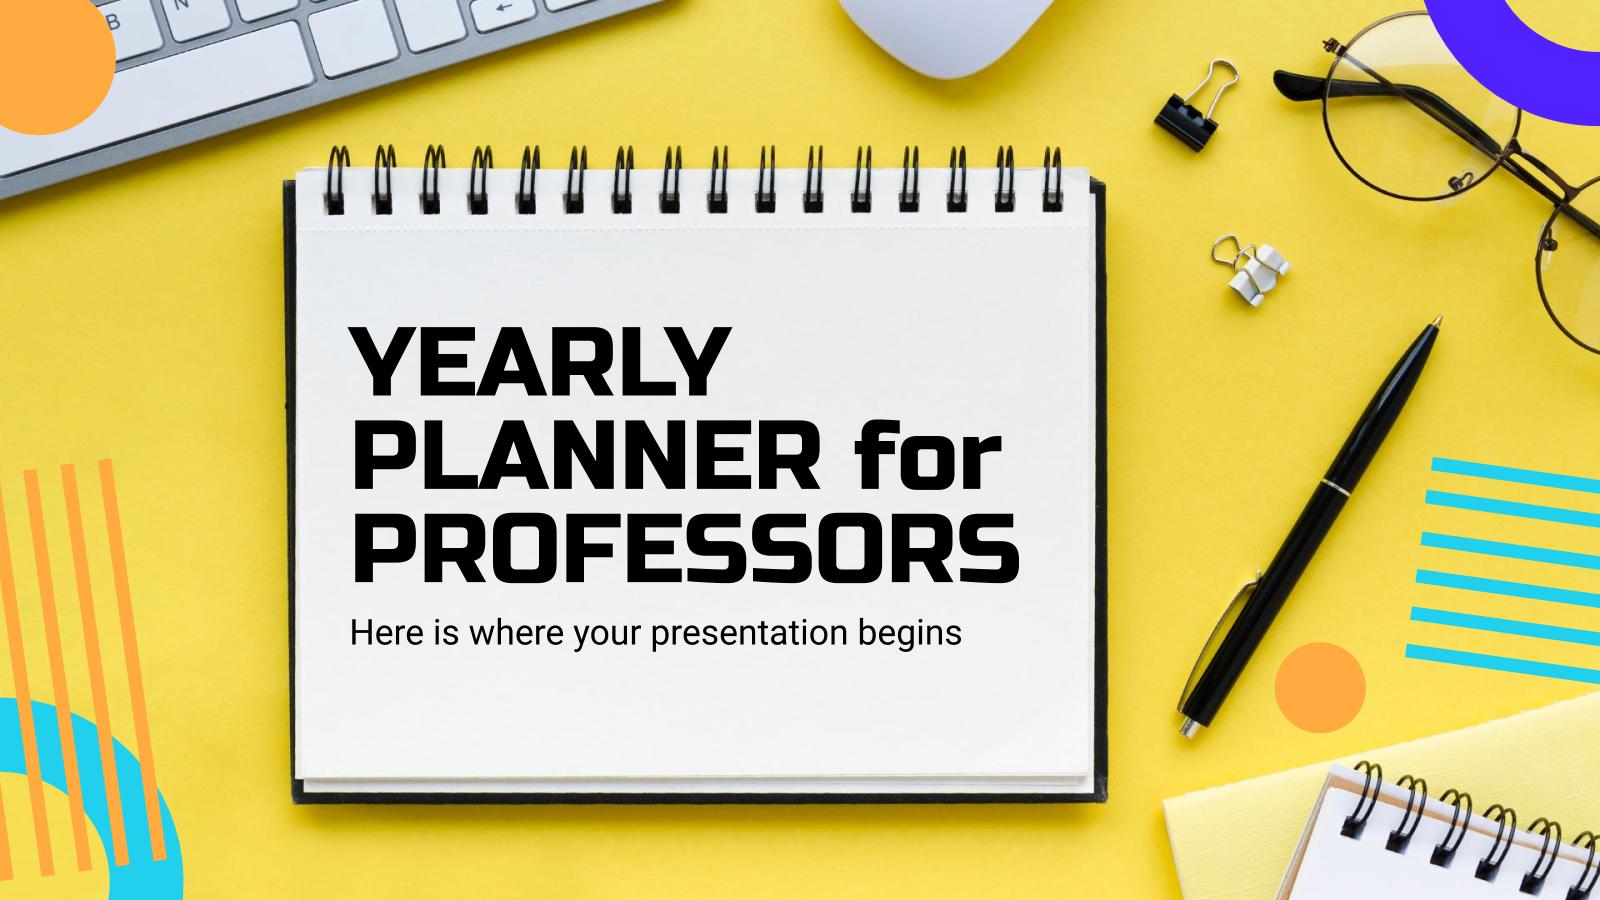 Planificateur annuel pour les professeurs : Modèles de présentation